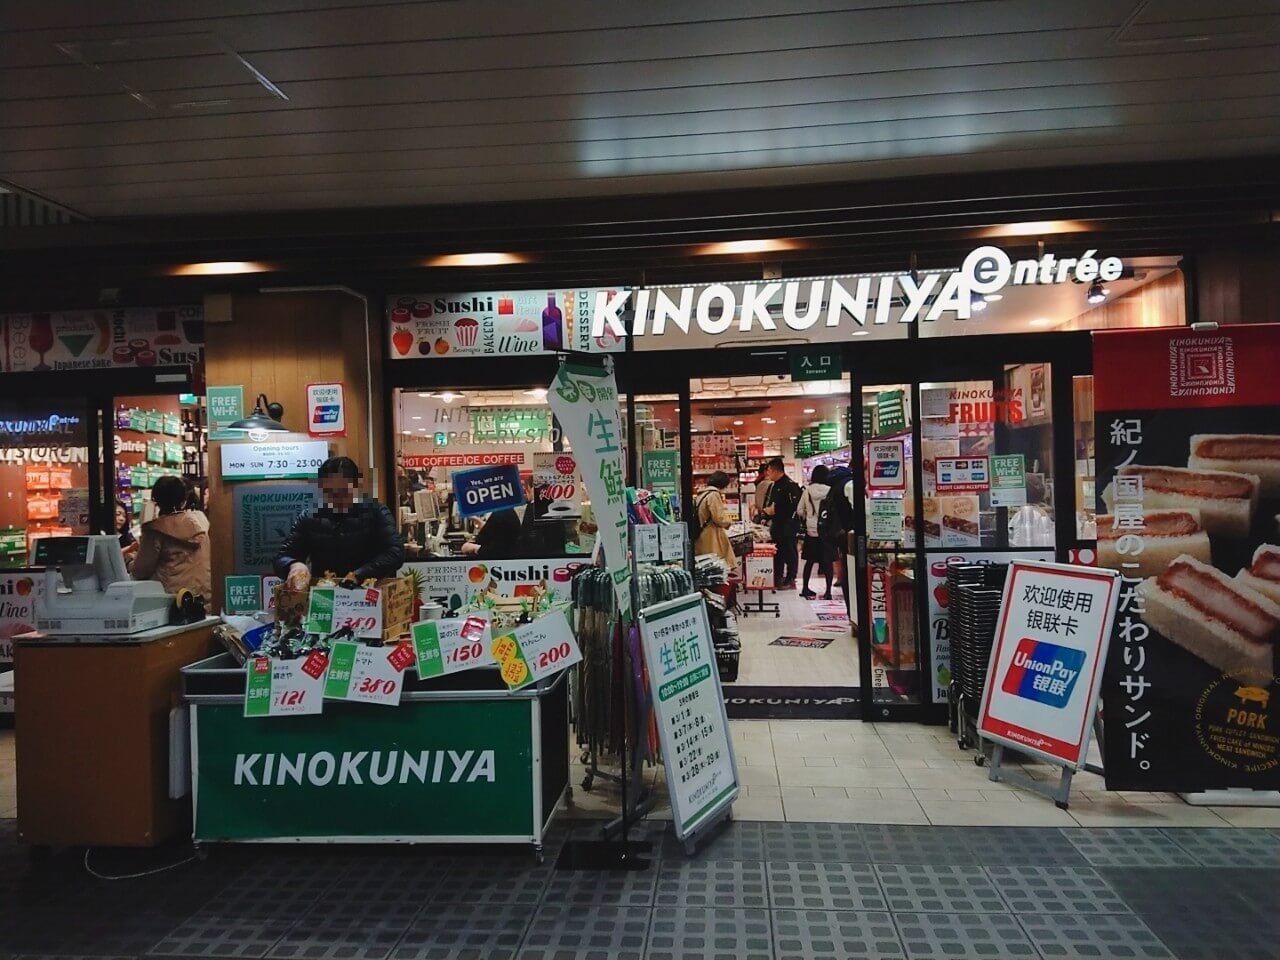 品川駅のKINOKUNIYA entrée